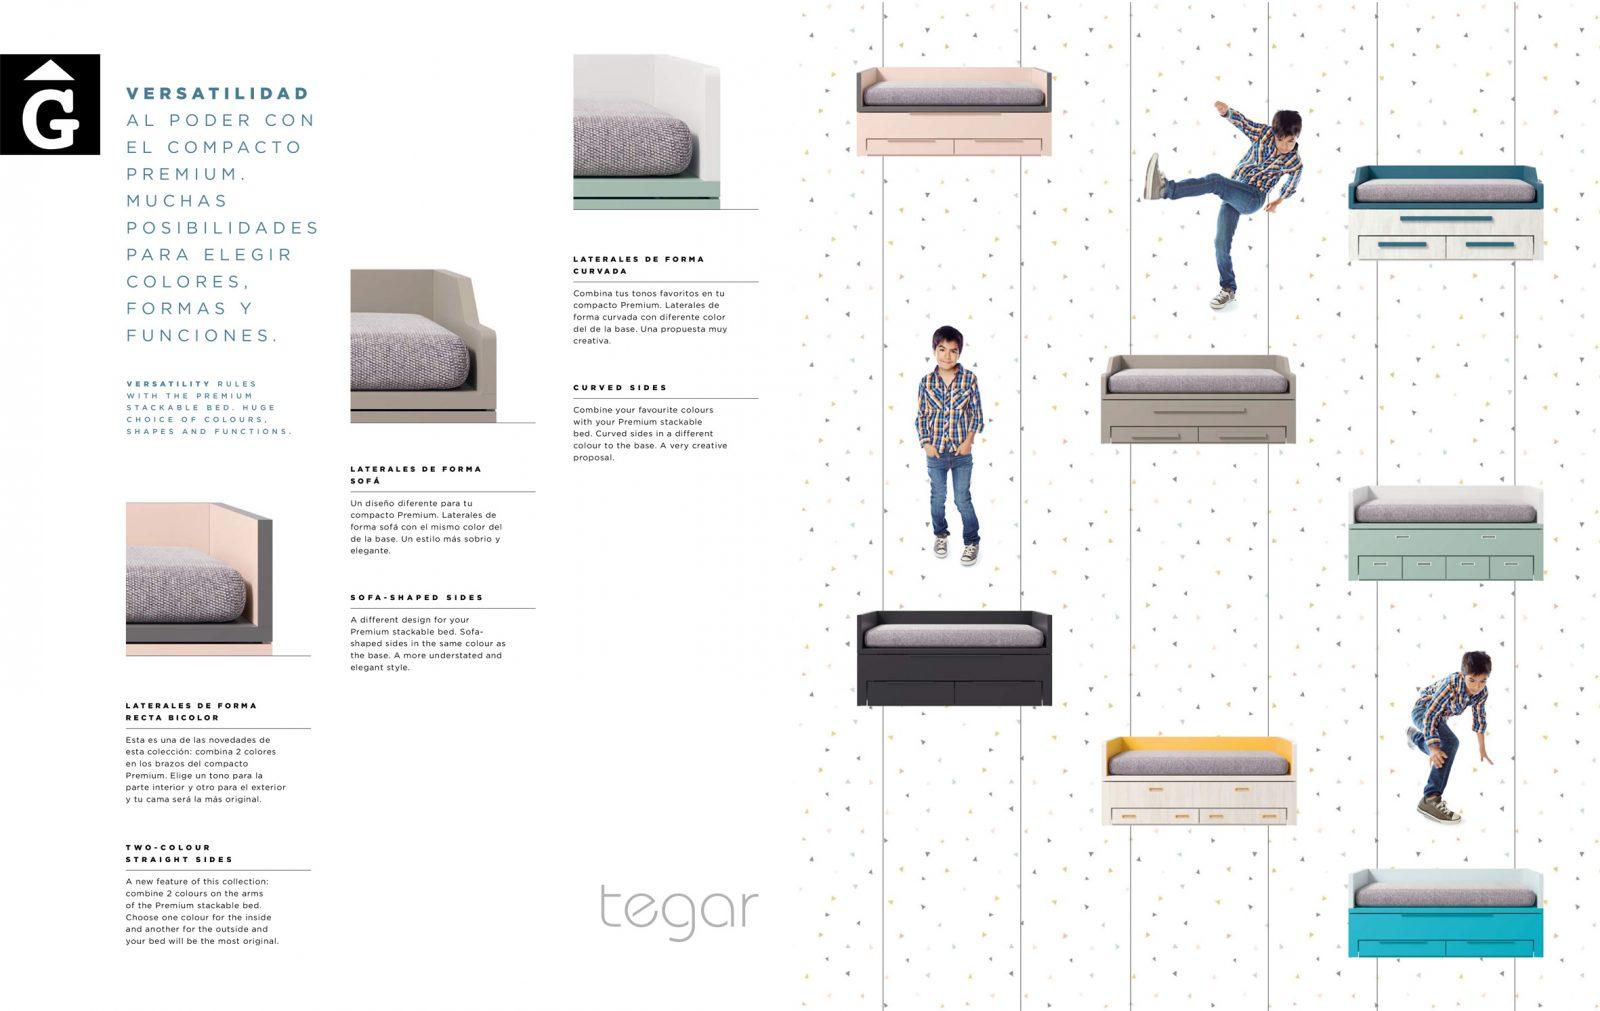 28 Versatilitat amb el compacta premium QB NEXT Tegar by nobles GIFREU Girona modern minim elegant atemporal